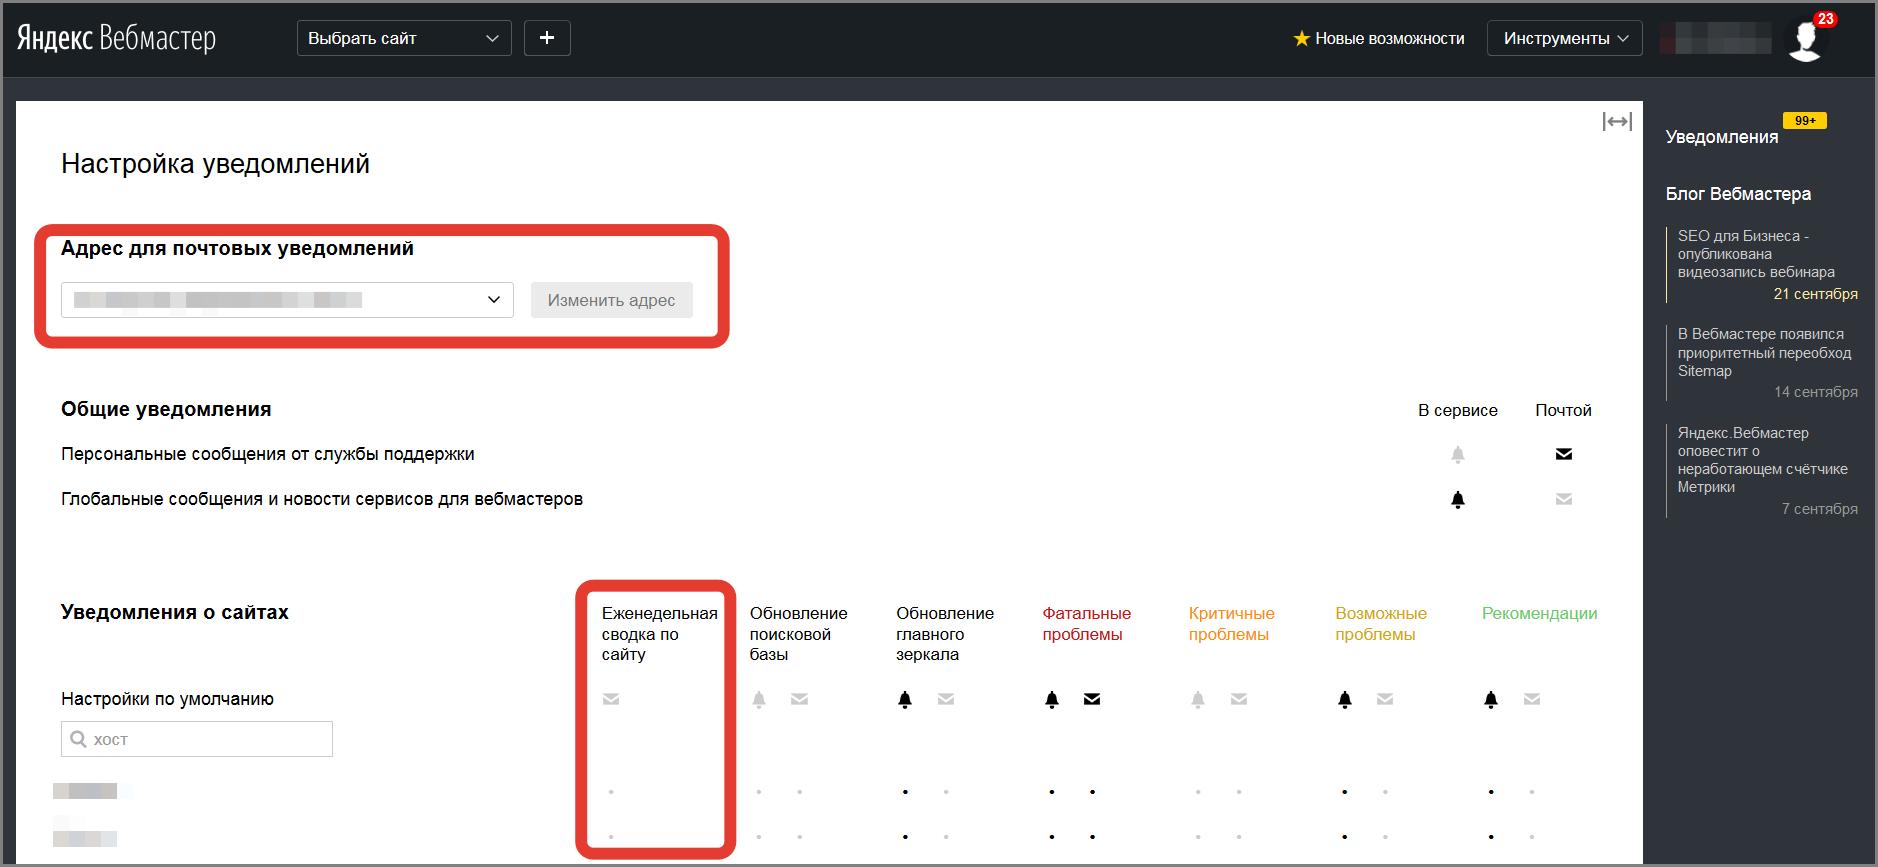 Яндекс.Вебмастер запустил еженедельную сводку и рекомендации по отслеживанию конкретных страниц по сайту